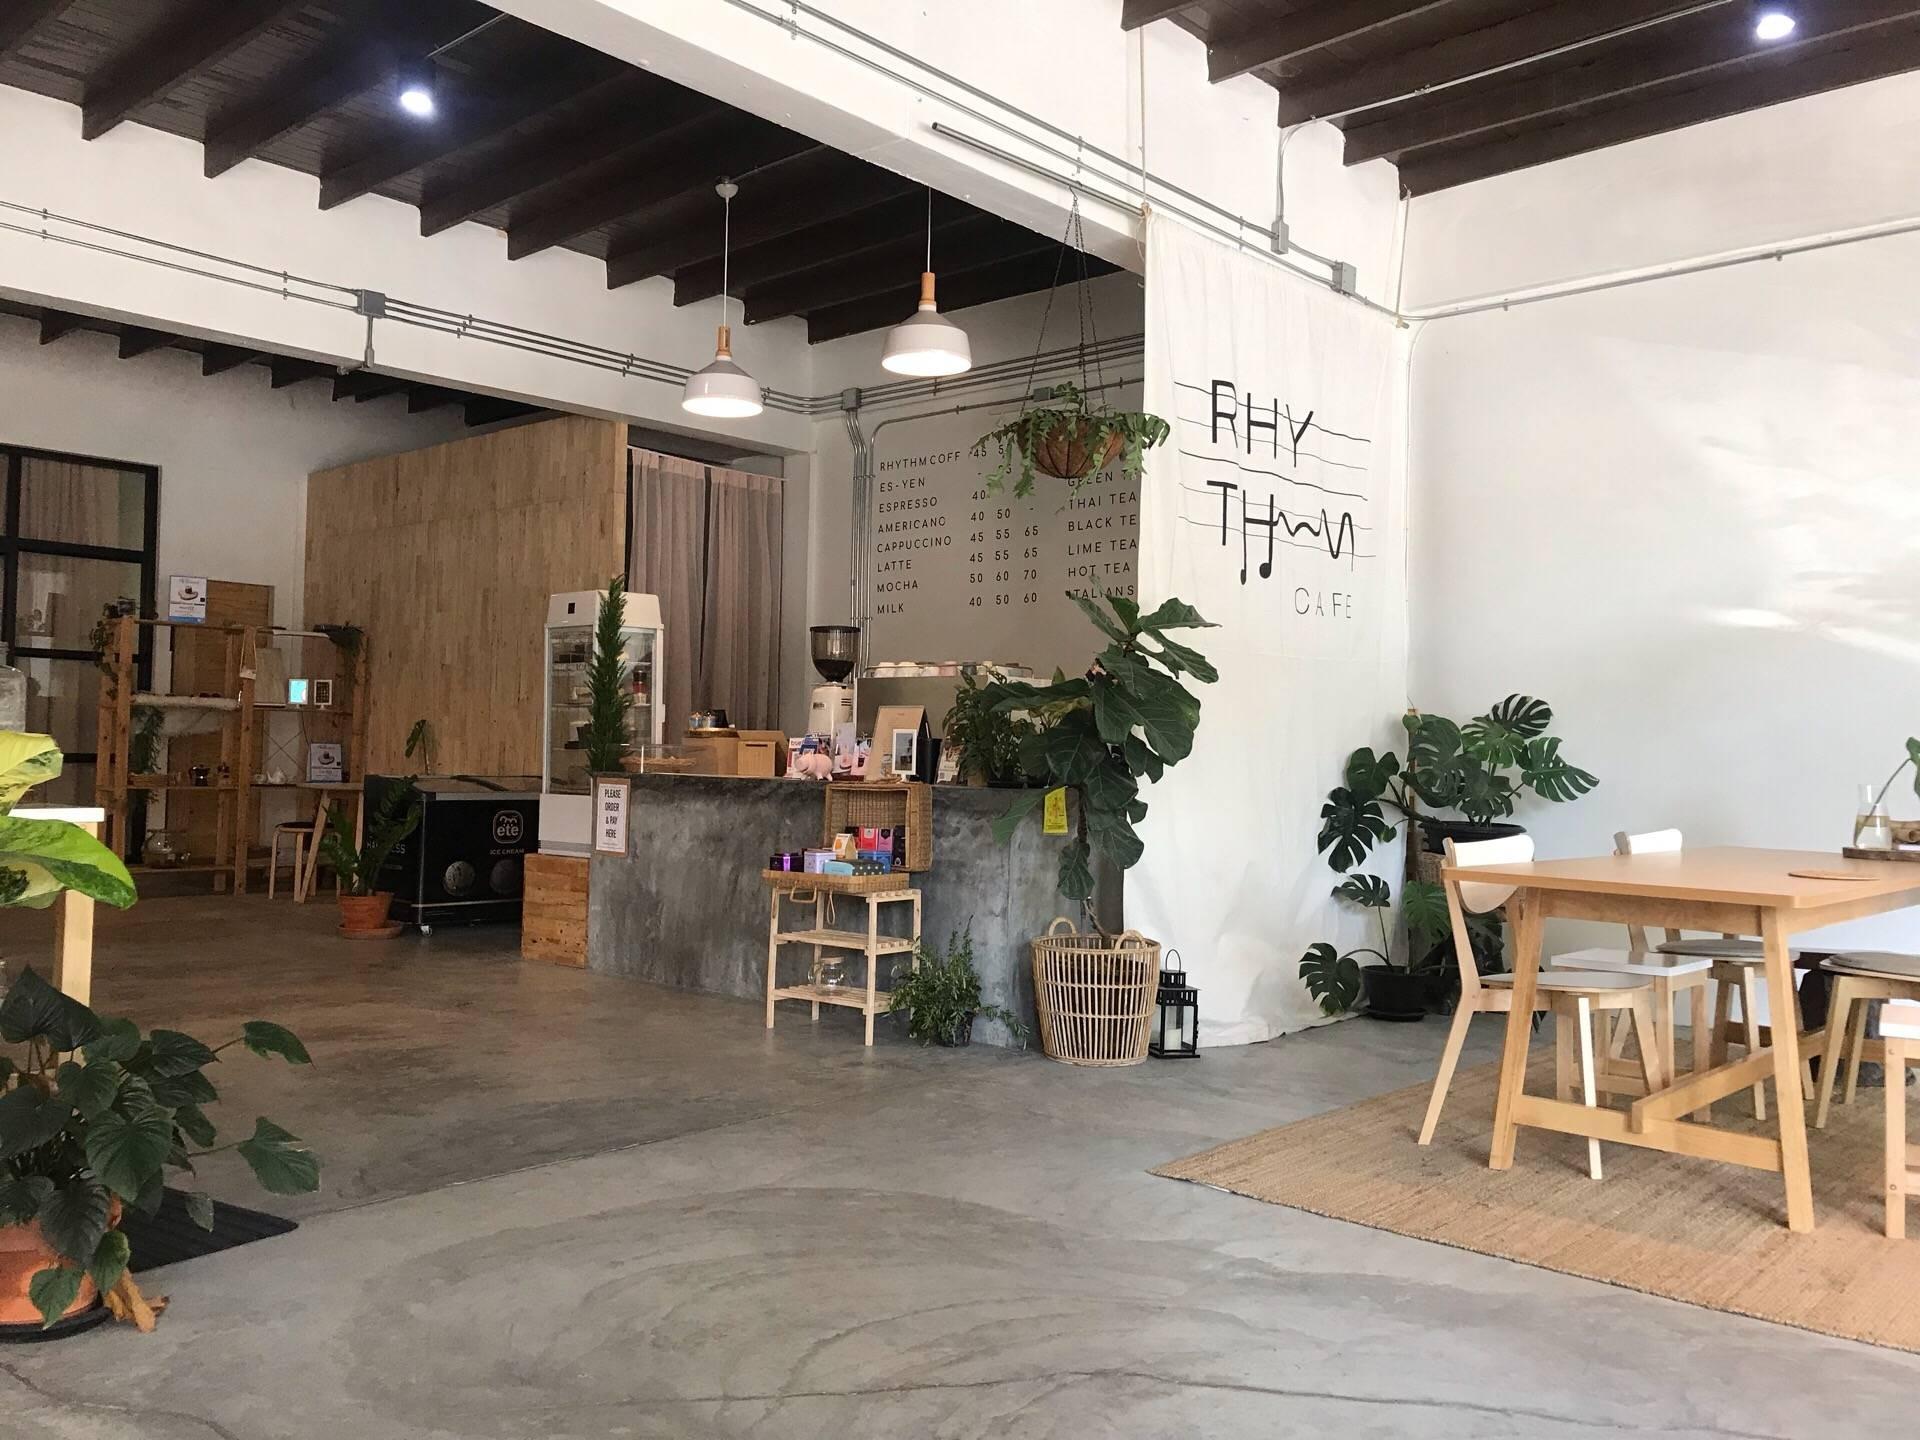 RHYTHM cafe